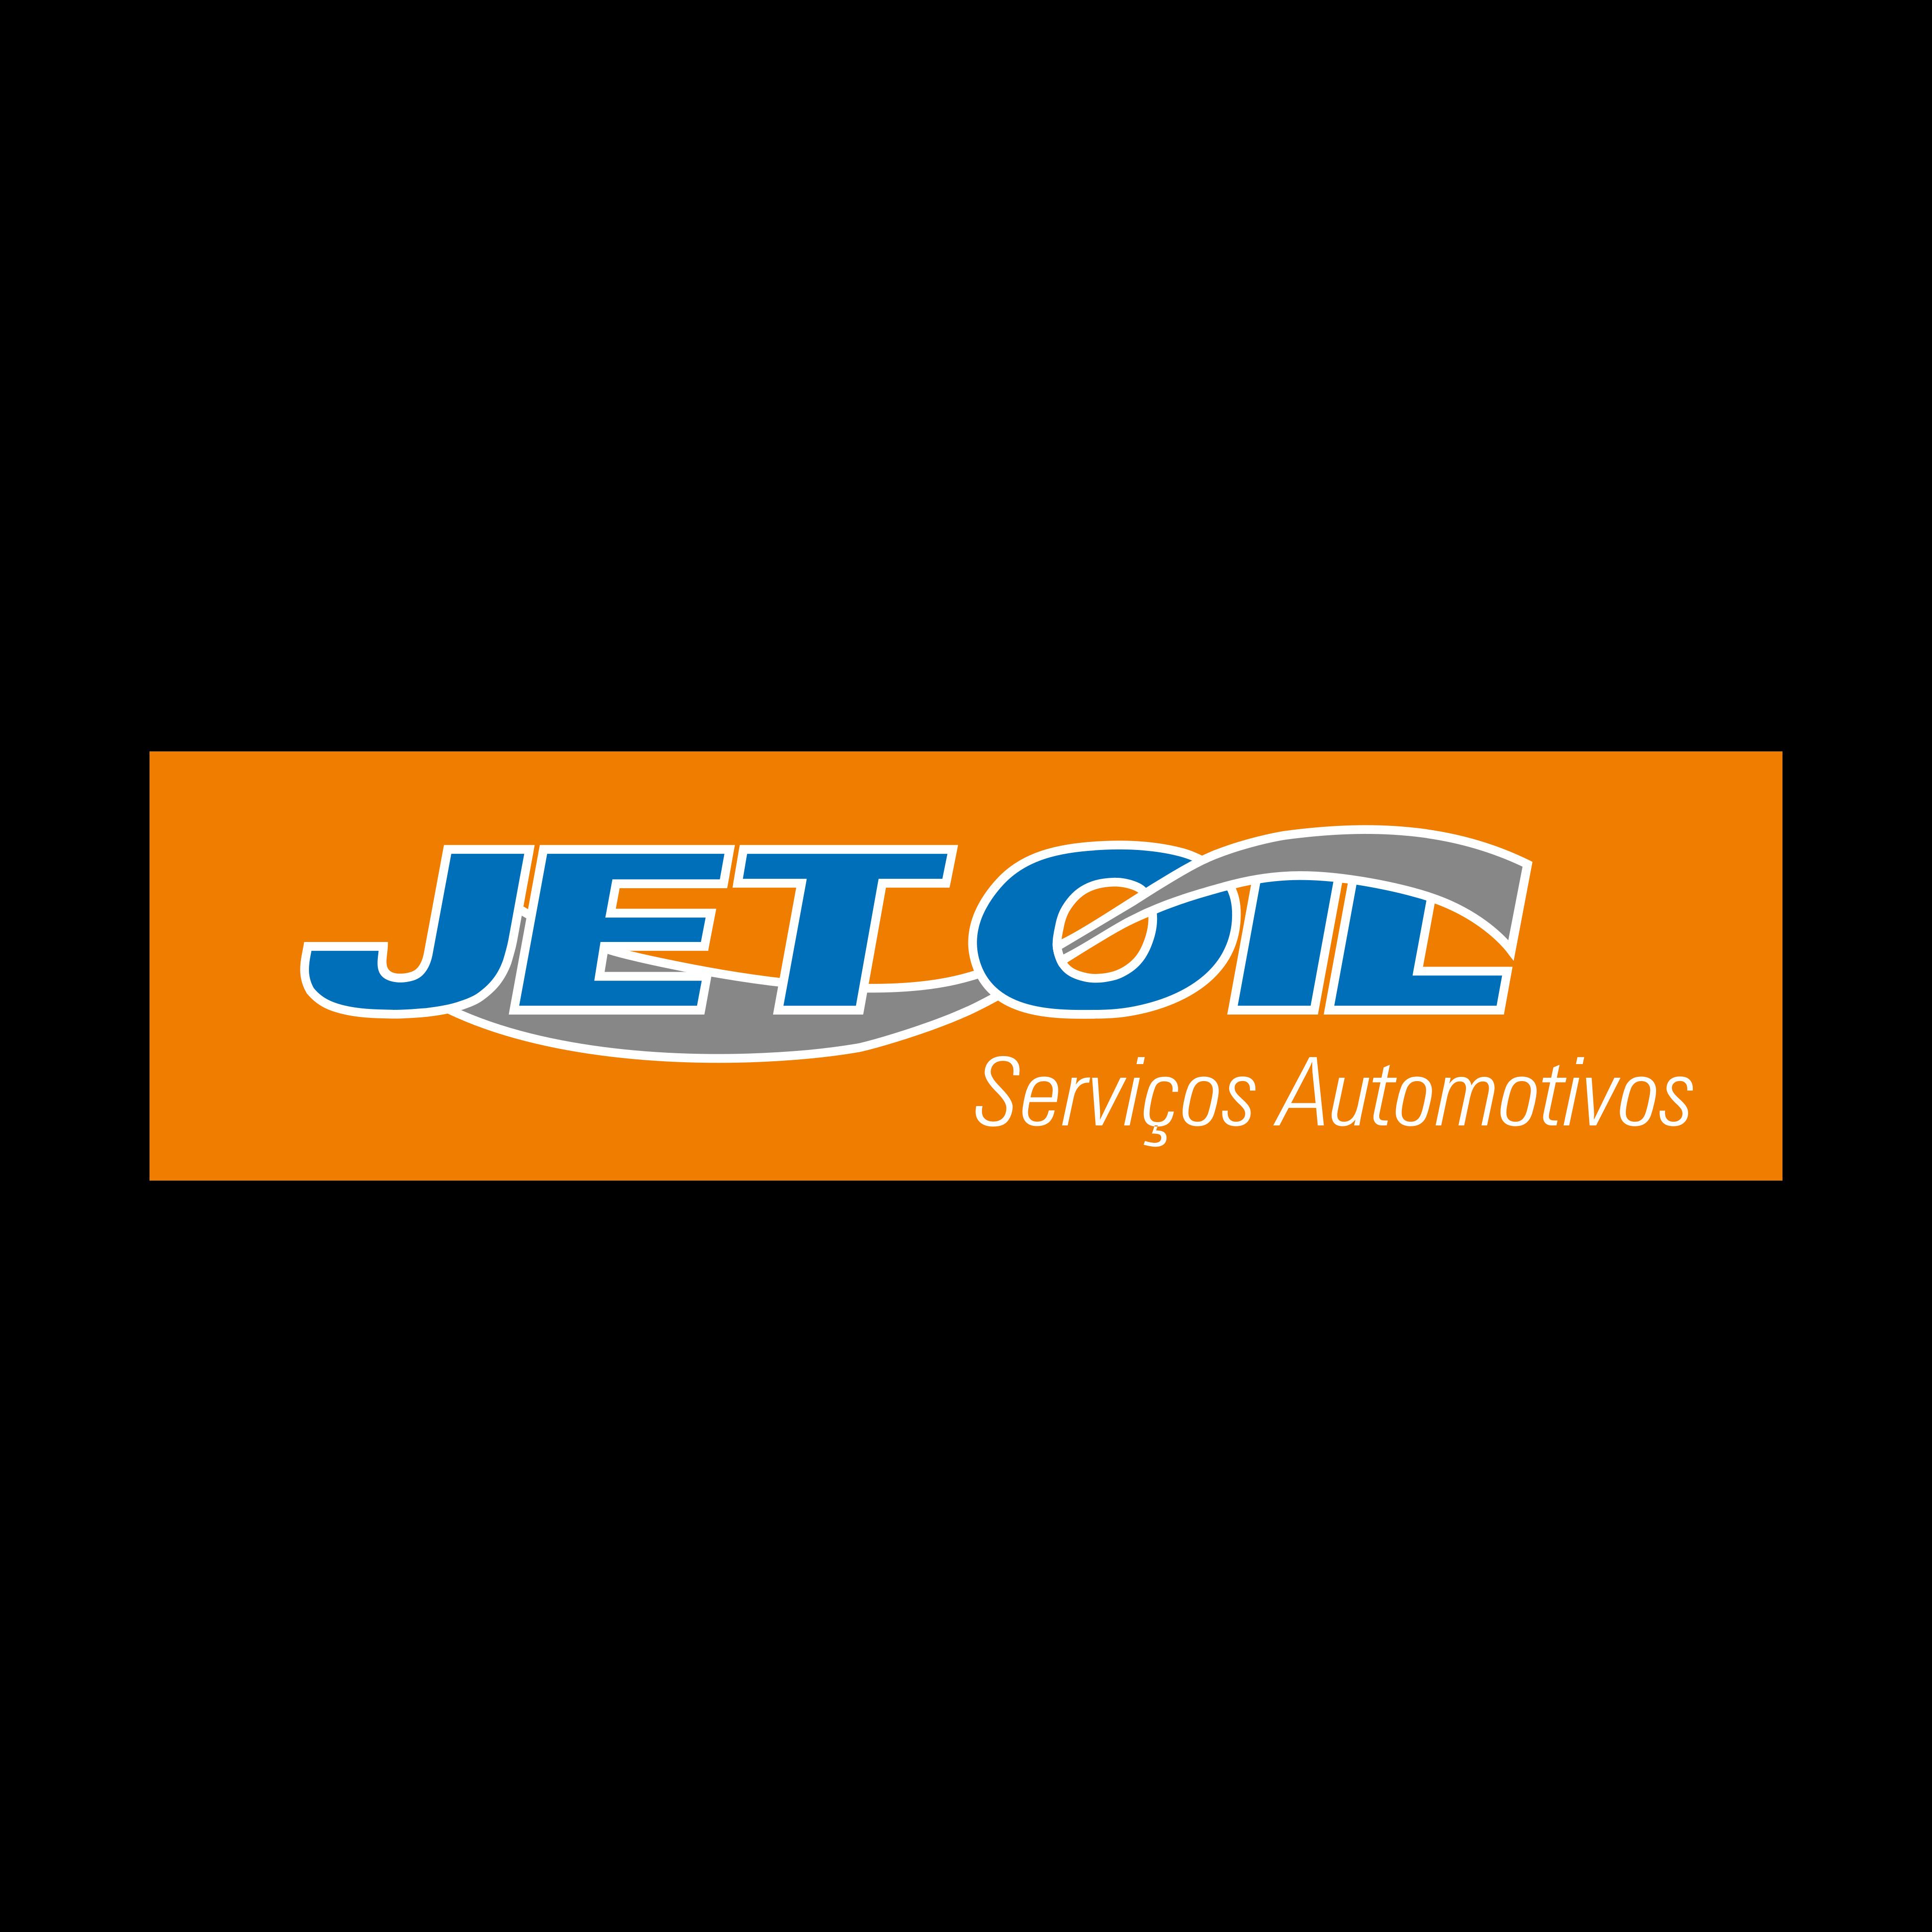 jet oil logo 0 - Jet Oil Logo